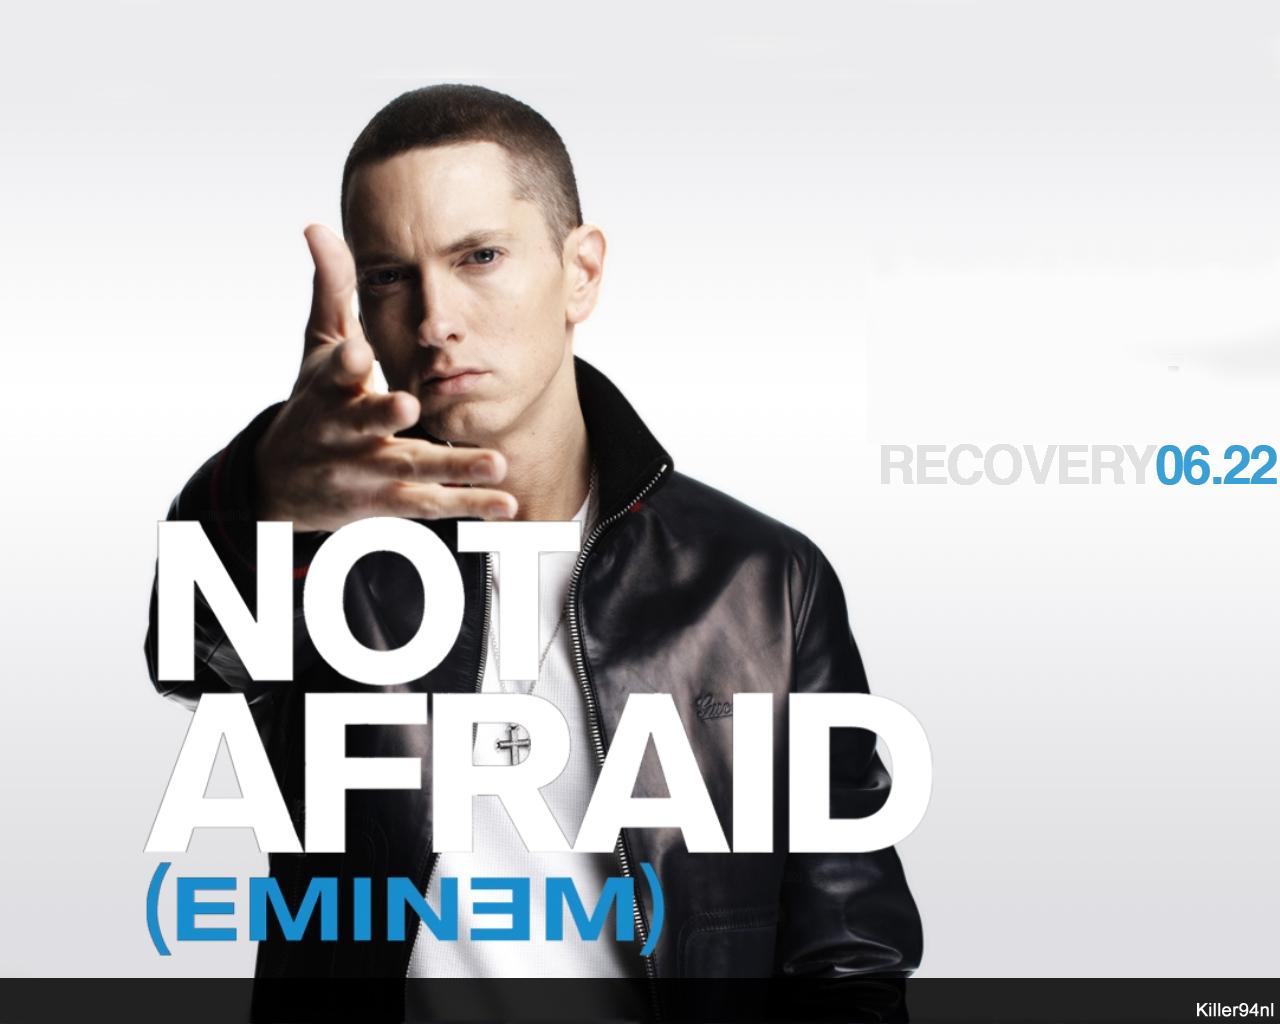 http://2.bp.blogspot.com/_7ub7OOBg4Xc/TVG65Mi5frI/AAAAAAAAAqE/k0p2MfhzZgs/s1600/Eminem_wallpaper01.jpg